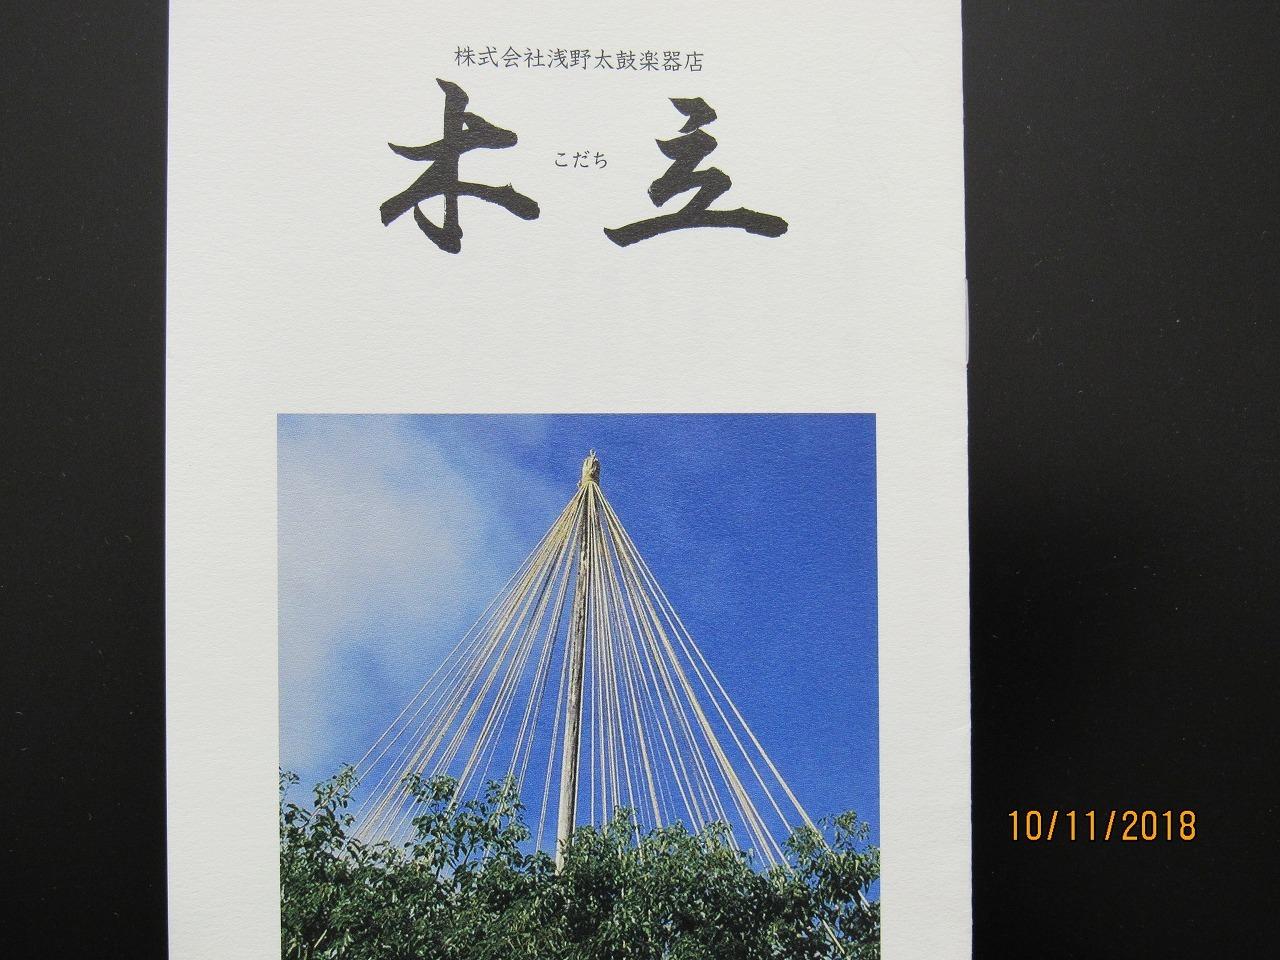 木立 by 浅野太鼓文化研究所 _e0185893_09165703.jpg